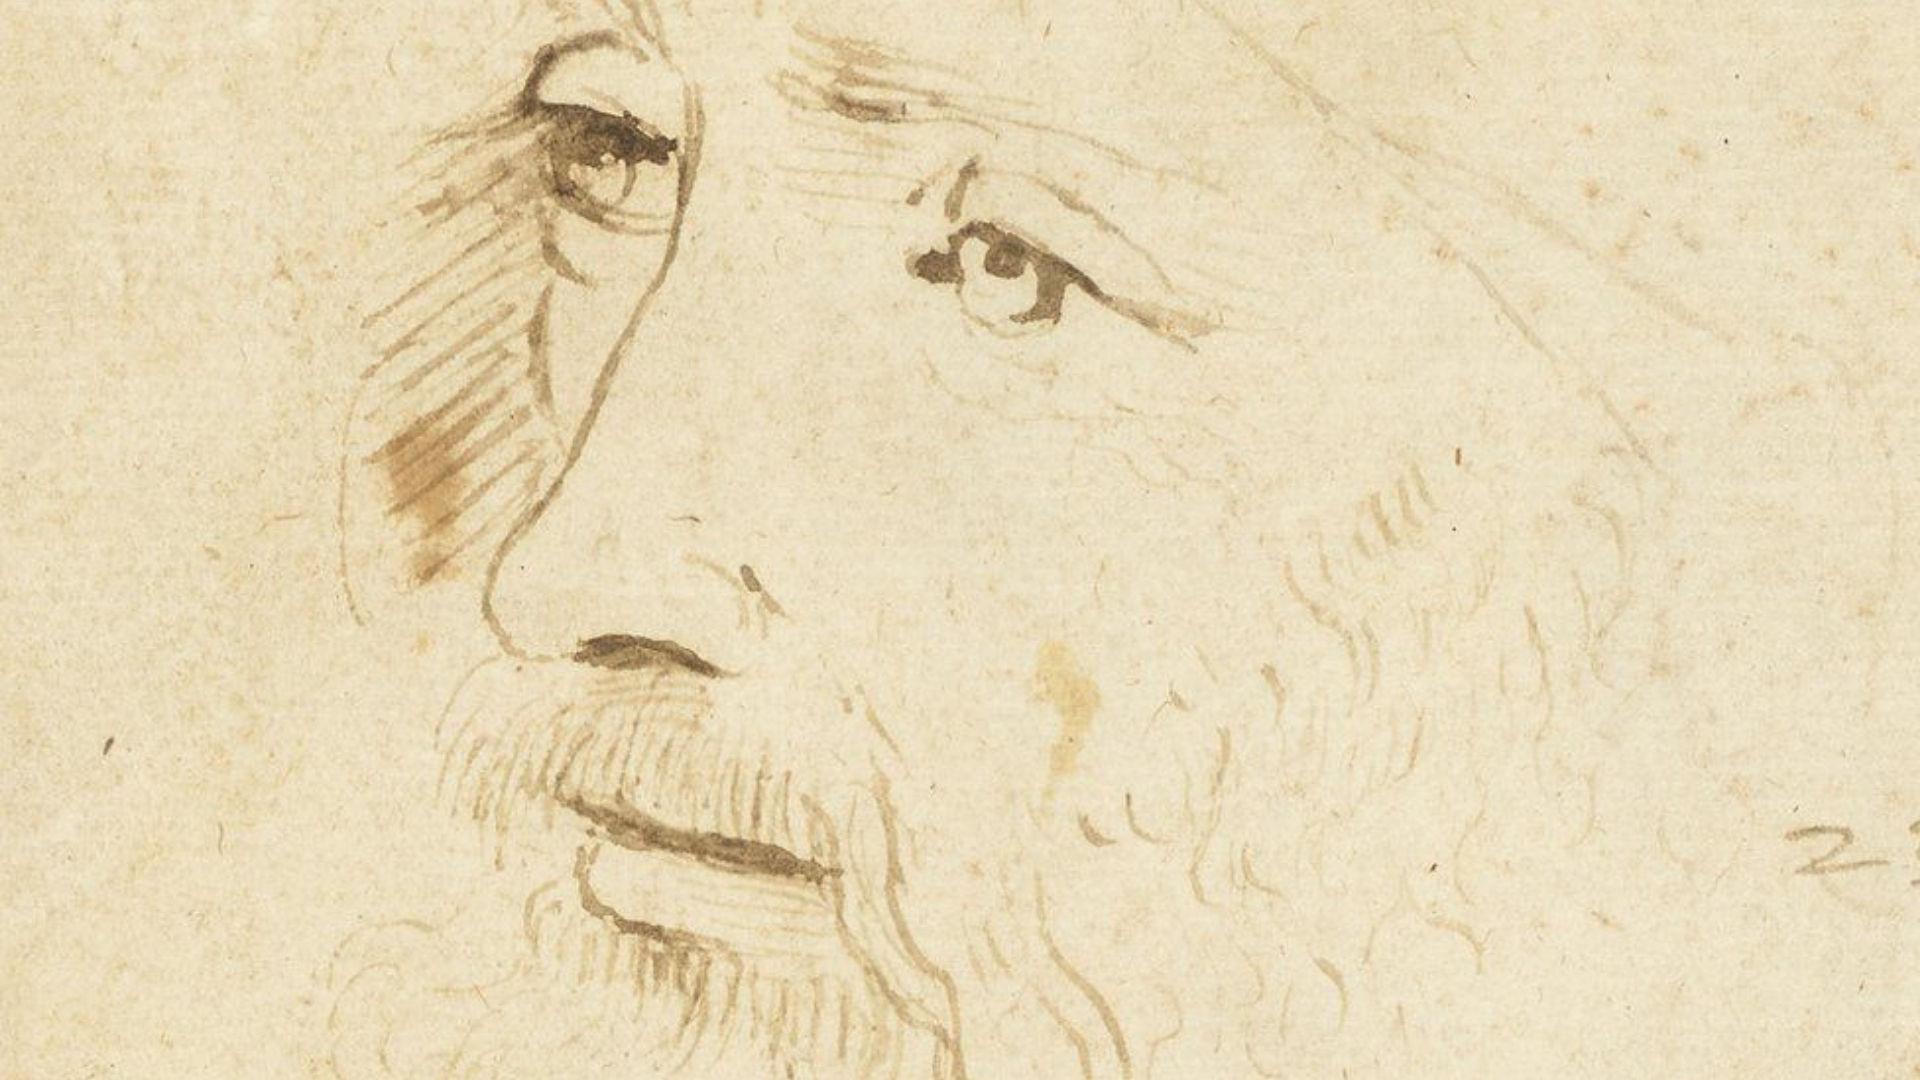 Da Vinci'nin Yeni Bir Portresi Keşfedildi